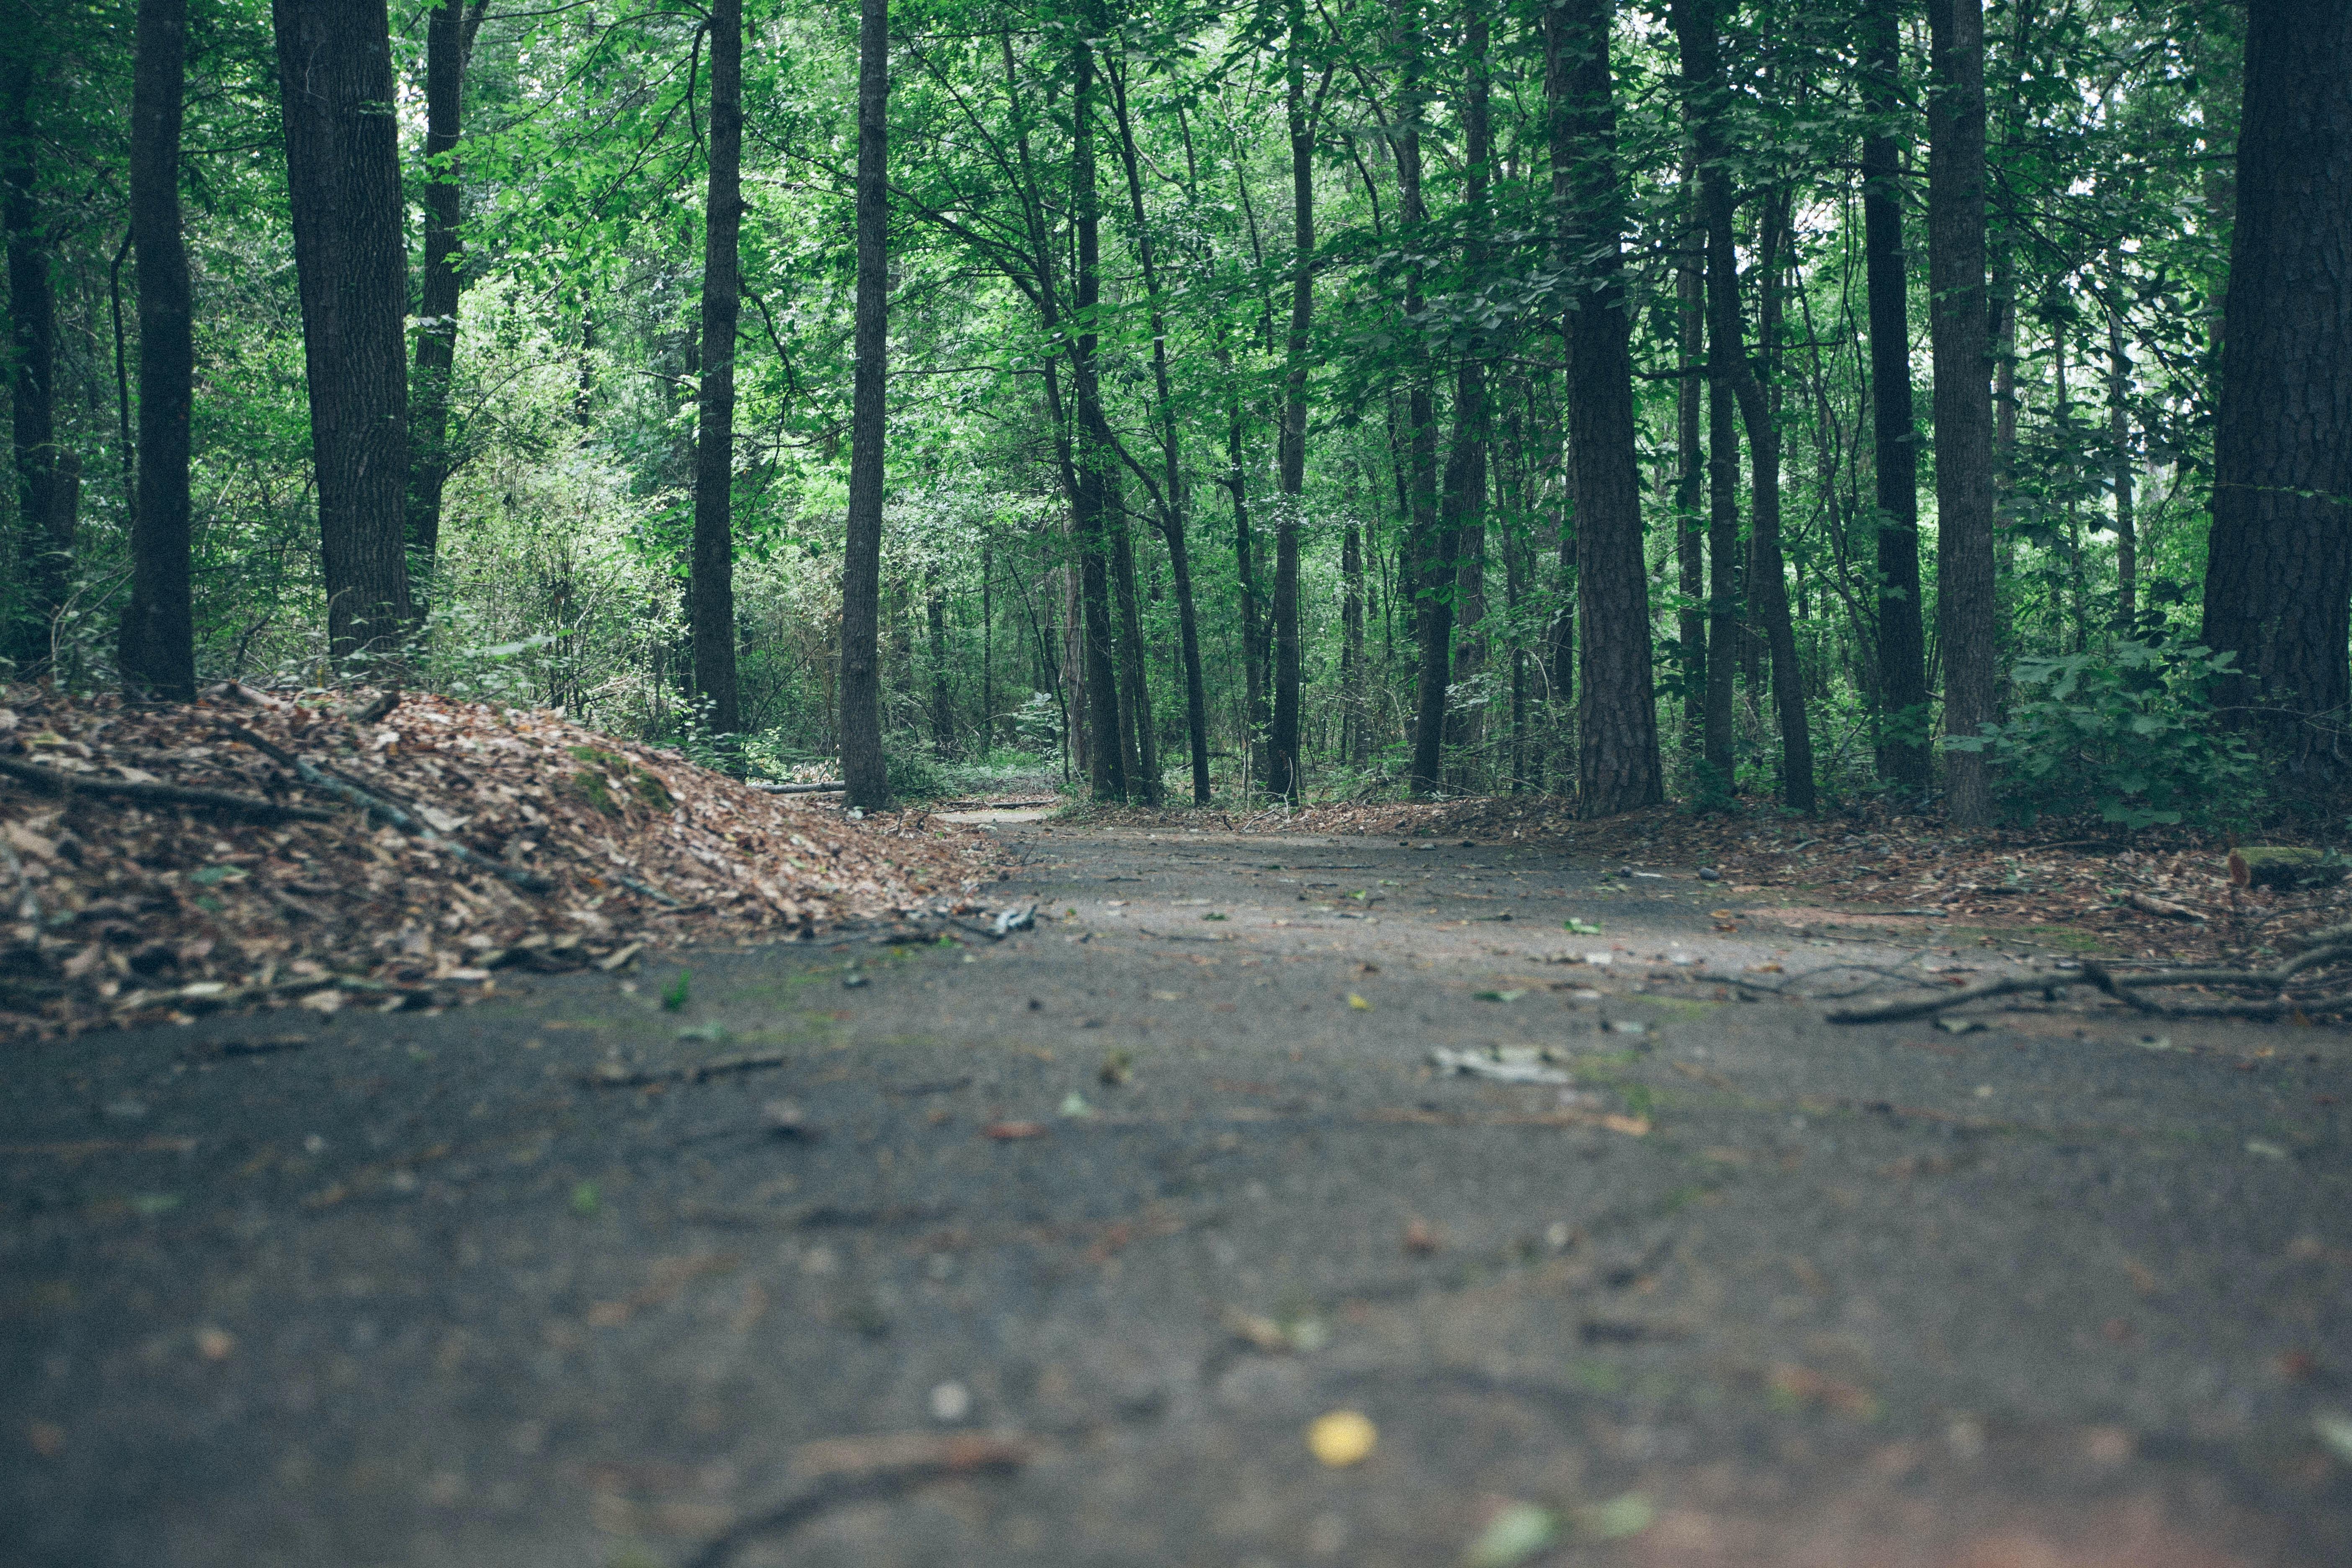 gray road near trees